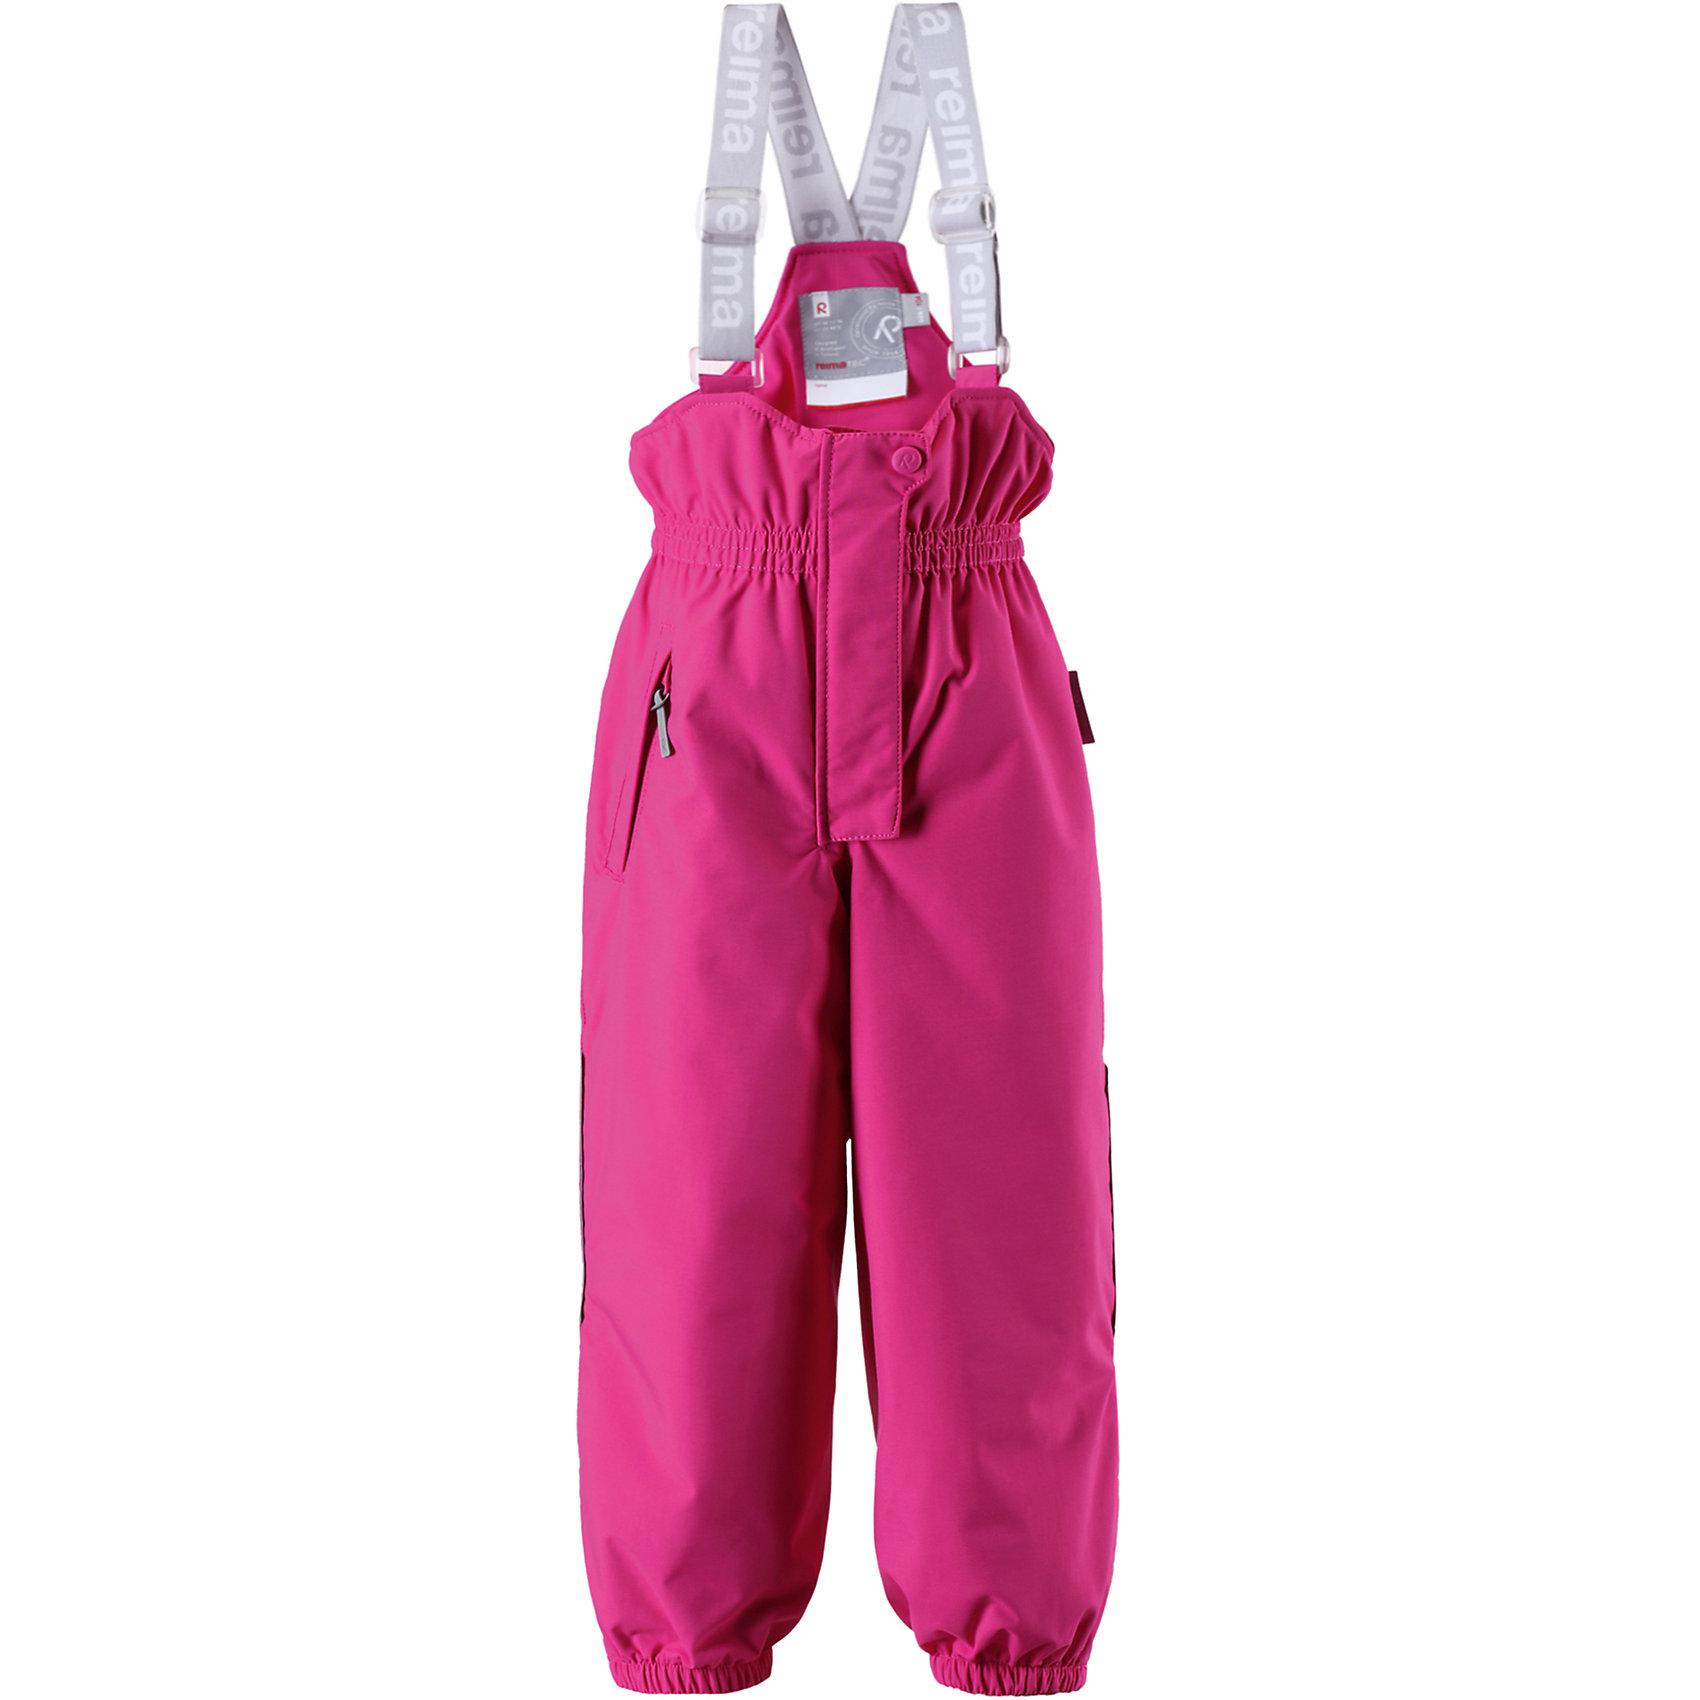 Брюки Reimatec ReimaПопулярные, прочные брюки с подтяжками для активного отдыха. Водонепроницаемые и дышащие.<br><br>Дополнительная информация:<br><br>Температурный режим: до -20<br>Средняя степень утепления (120 г)<br>Брюки для детей Reimatec (Рейматек), модель Original<br>Все швы проклеены<br>Прочный материал<br>Высокая талия с регулируемыми подтяжками<br>Один карман на молнии<br>Прочные силиконовые штрипки<br><br>Брюки Reimatec (Рейматек) Reima (Рейма) можно купить в нашем магазине.<br><br>Ширина мм: 215<br>Глубина мм: 88<br>Высота мм: 191<br>Вес г: 336<br>Цвет: розовый<br>Возраст от месяцев: 72<br>Возраст до месяцев: 84<br>Пол: Унисекс<br>Возраст: Детский<br>Размер: 122,116,128,92,98,104,110<br>SKU: 4566080